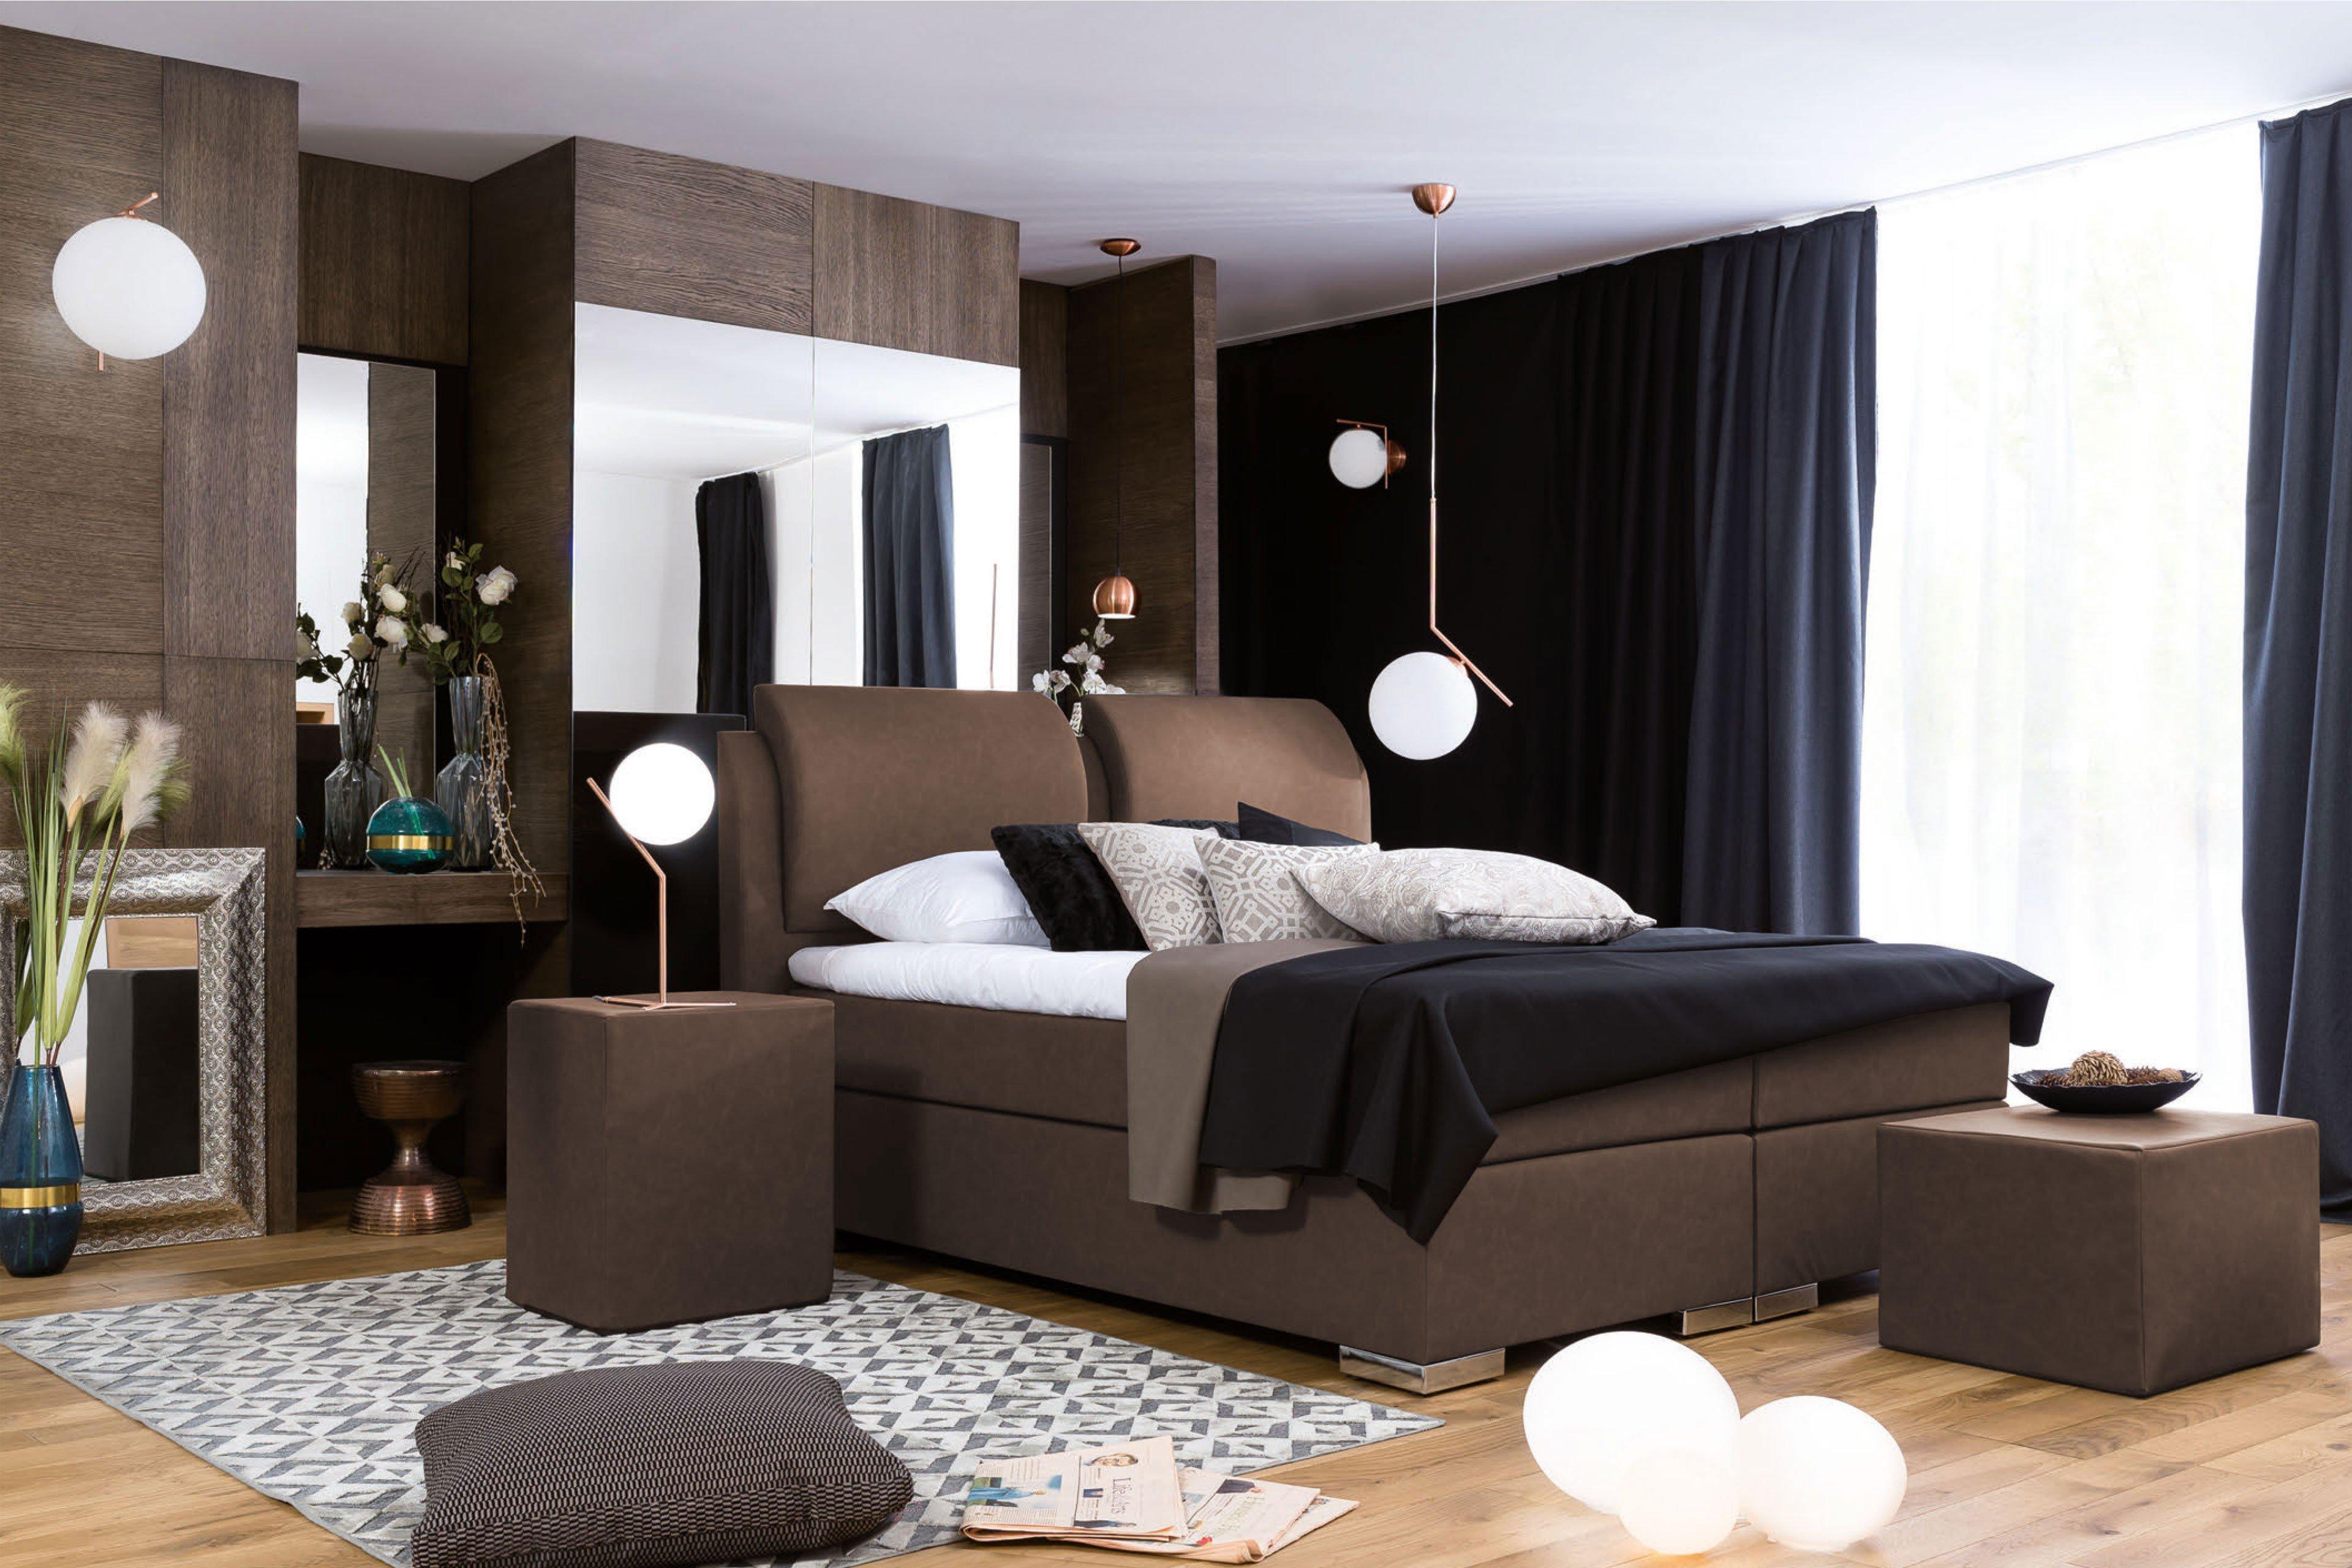 Dico Beverly Bs9010 Boxspringbett In Braun Mobel Letz Ihr Online Shop